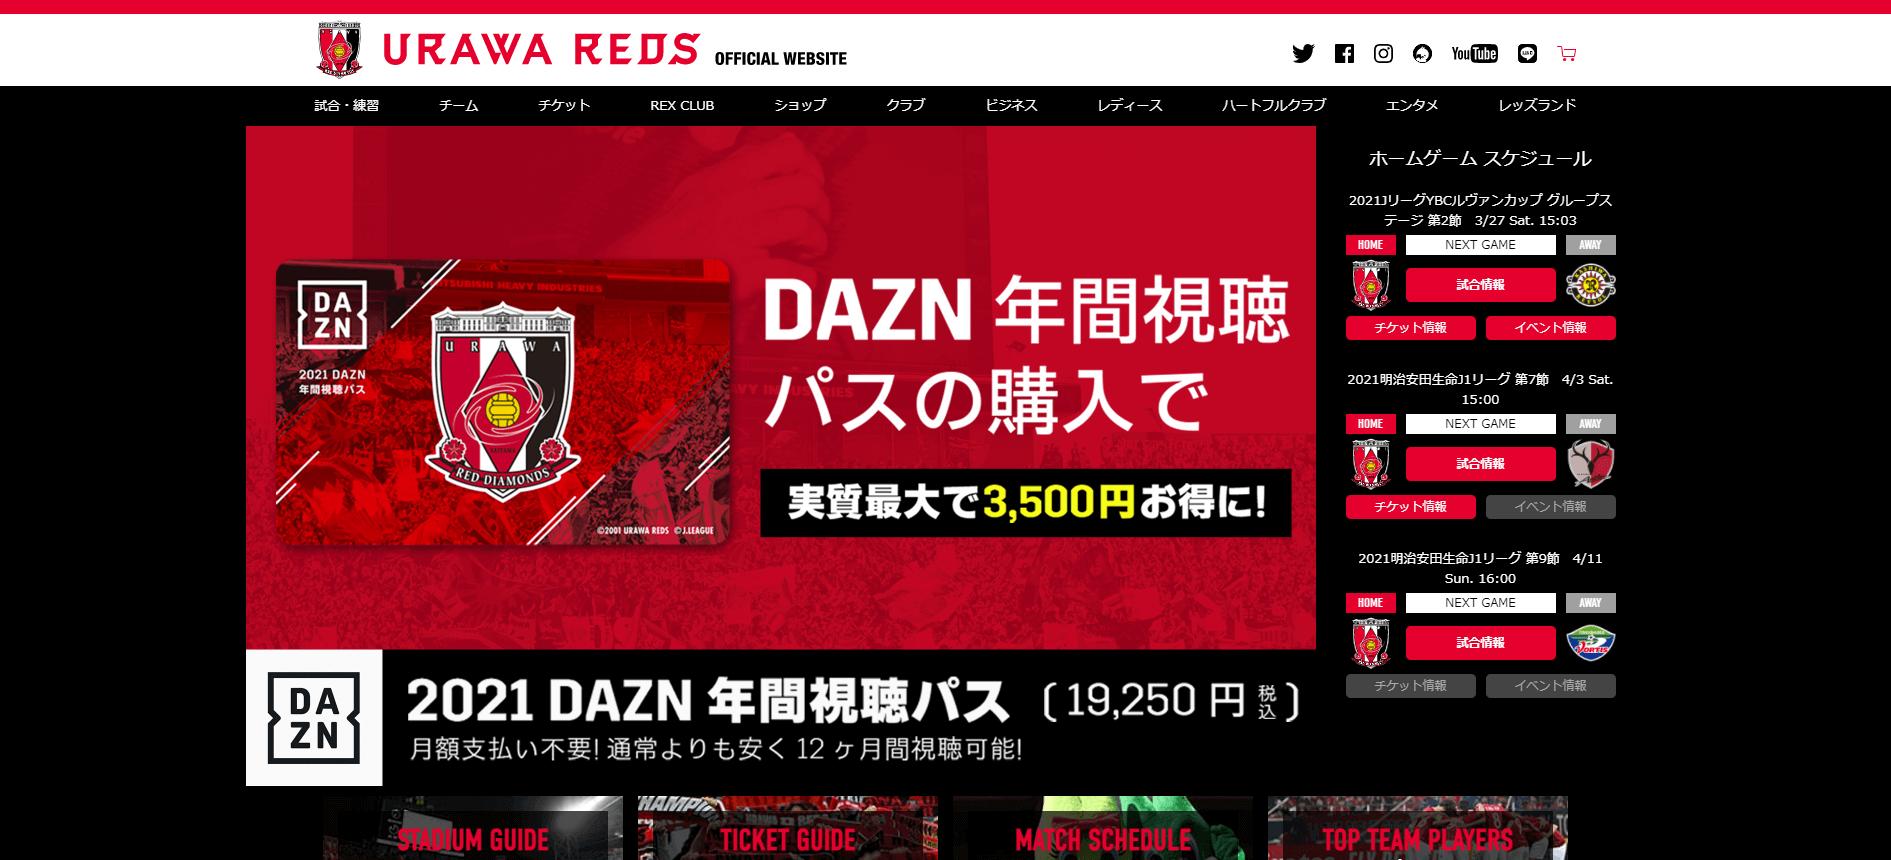 浦和レッズ公式サイト画像